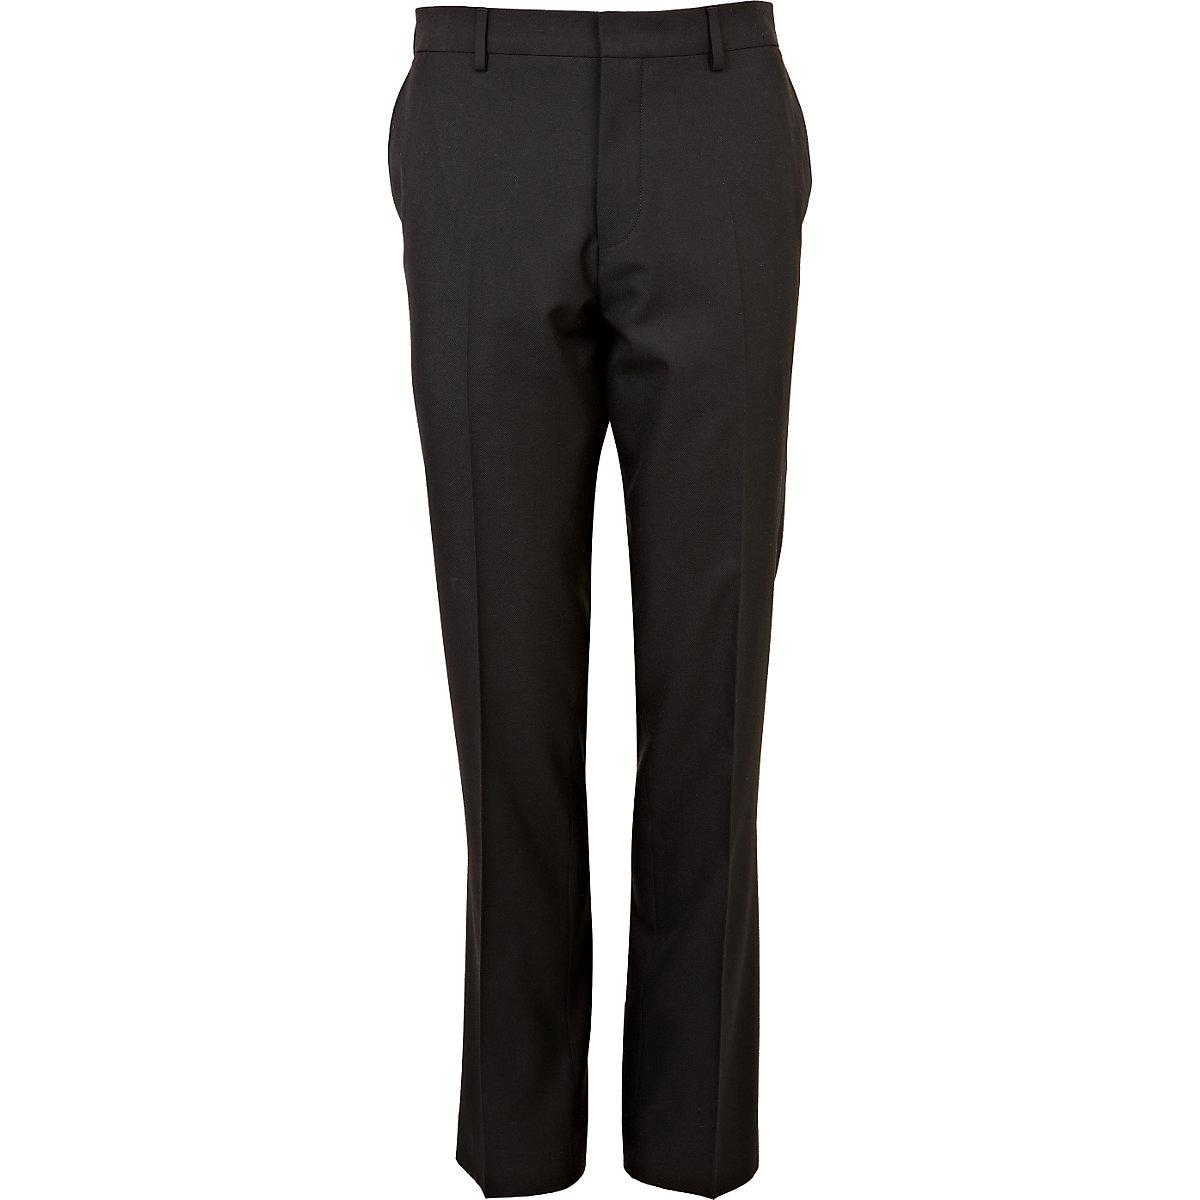 Black slim suit pants